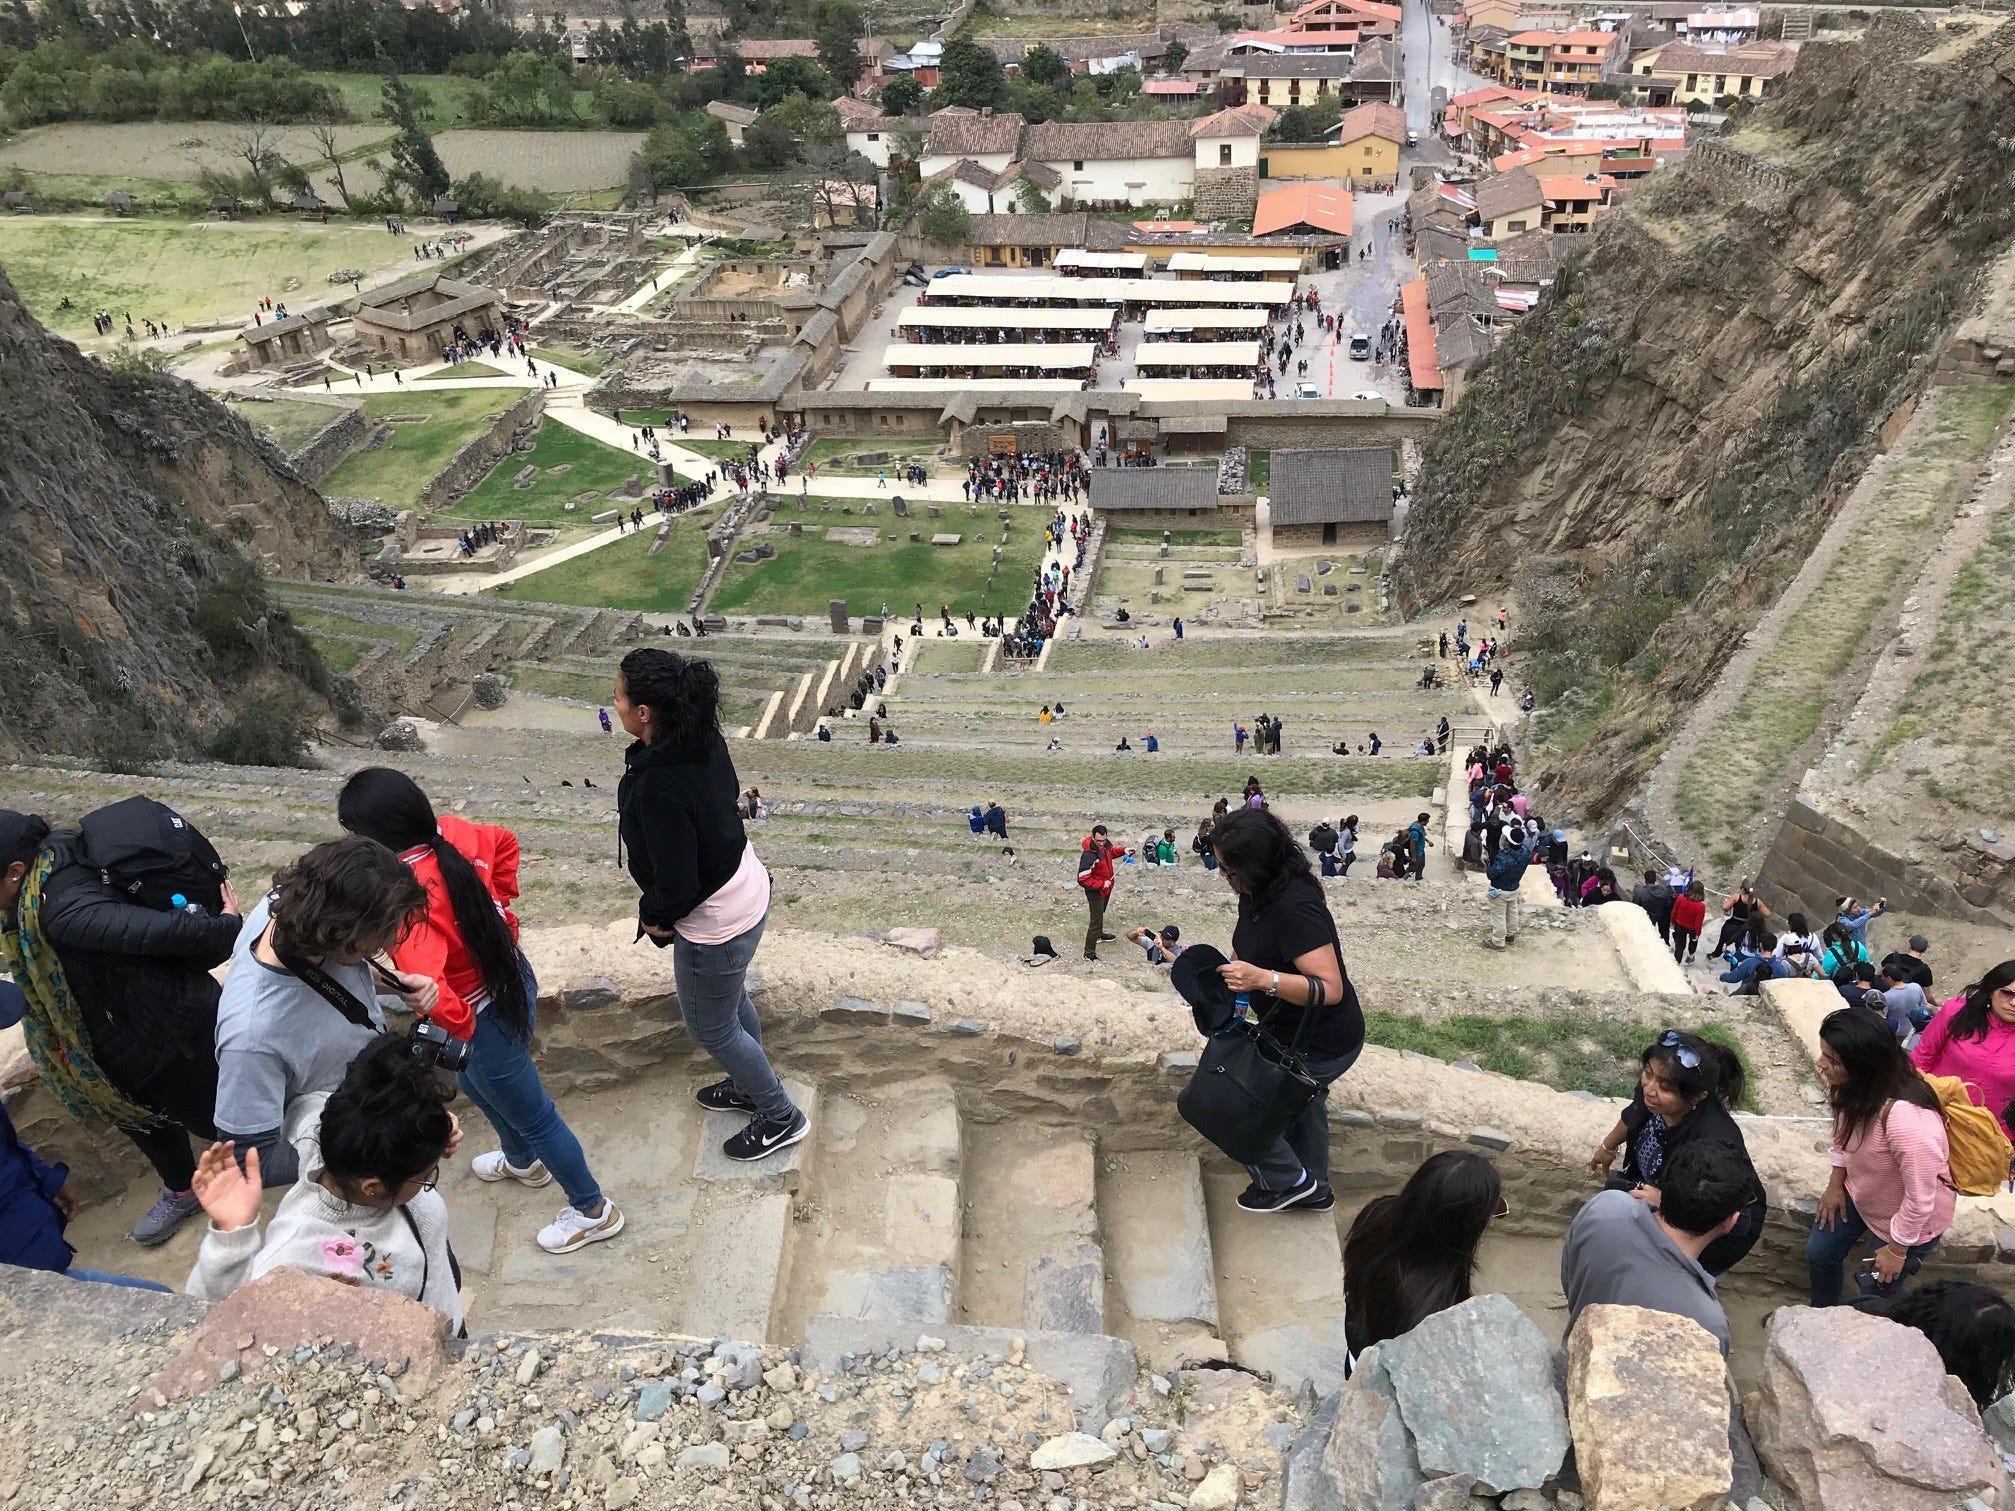 Inca fortress at Ollantaytambo, Peru